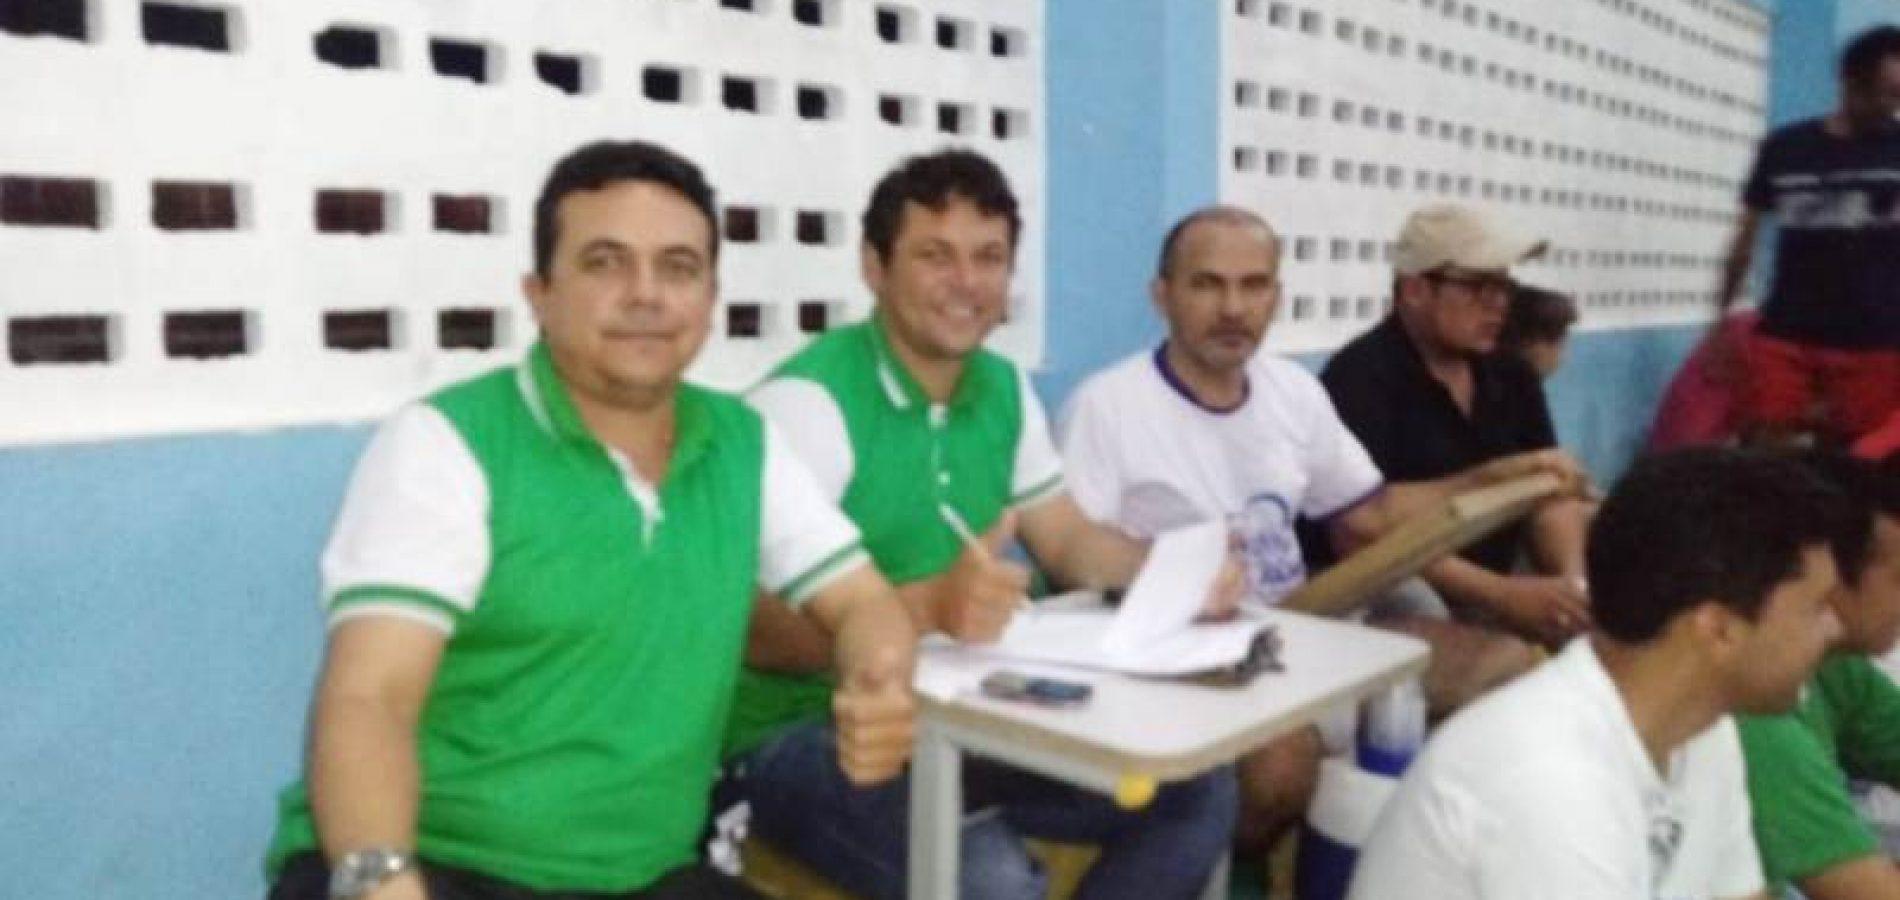 Secretaria de Esporte divulga cronograma das finais do Campeonato de Futsal em São Julião